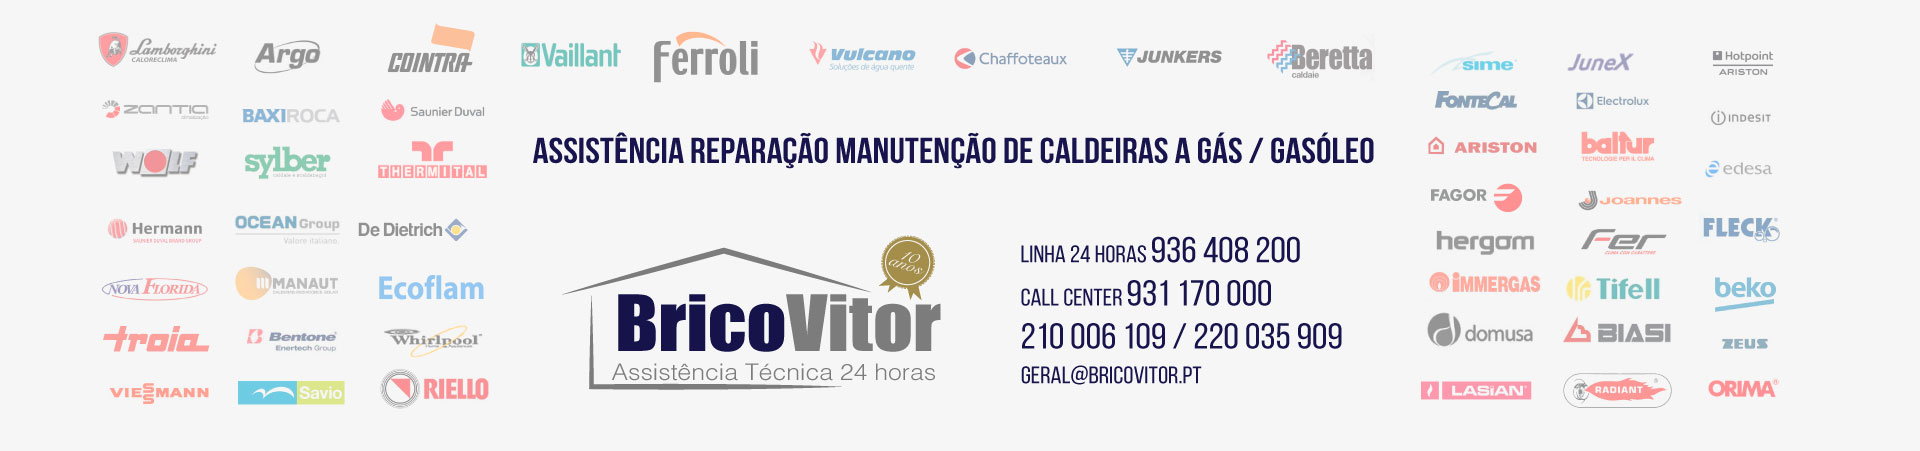 Empresa de Assistência Caldeiras Guilhadeses, Arcos de Valdevez 24H